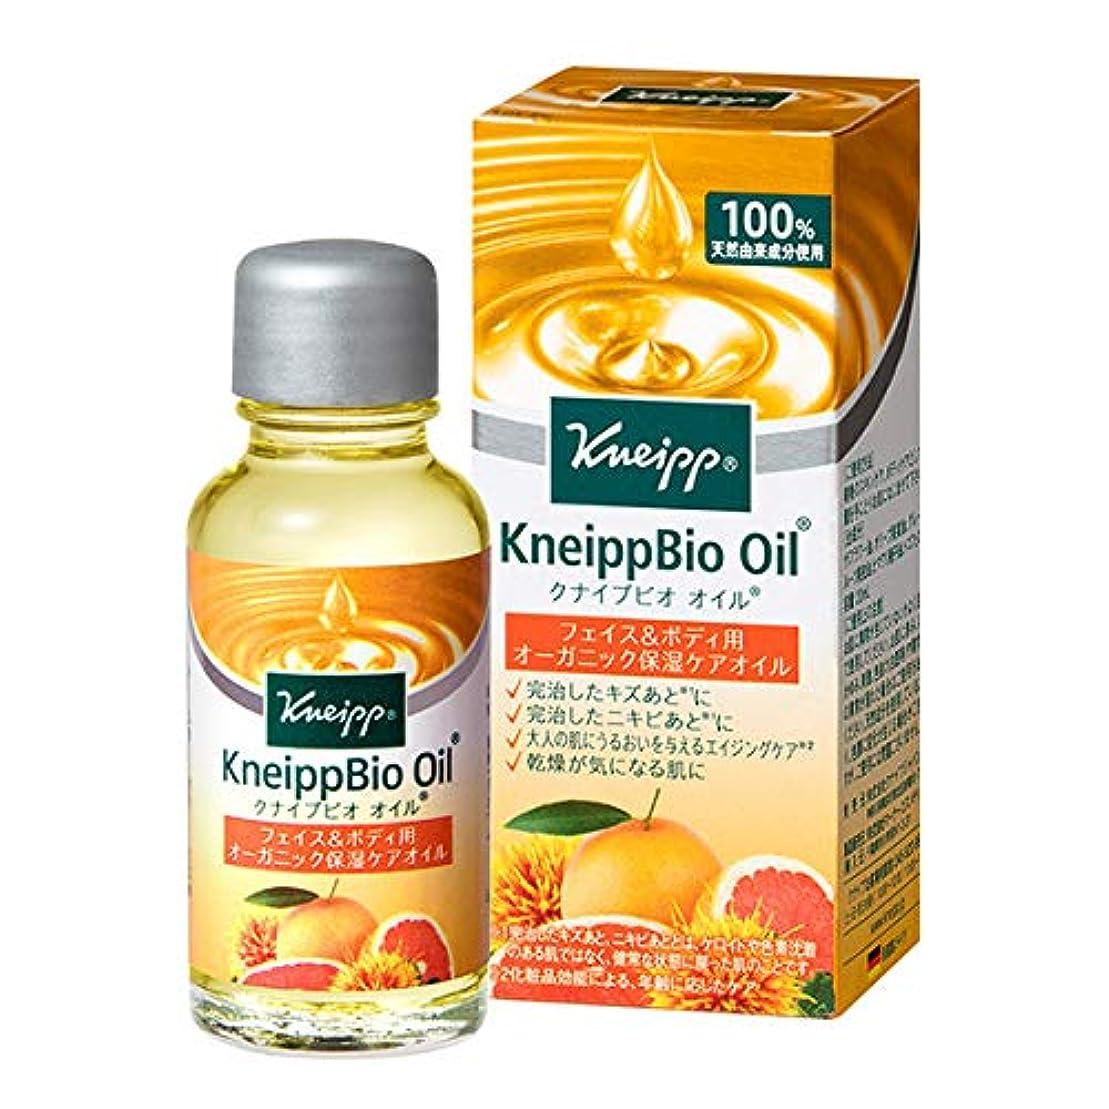 叫ぶ探すミリメータークナイプ(Kneipp) クナイプビオ オイル20mL 美容液